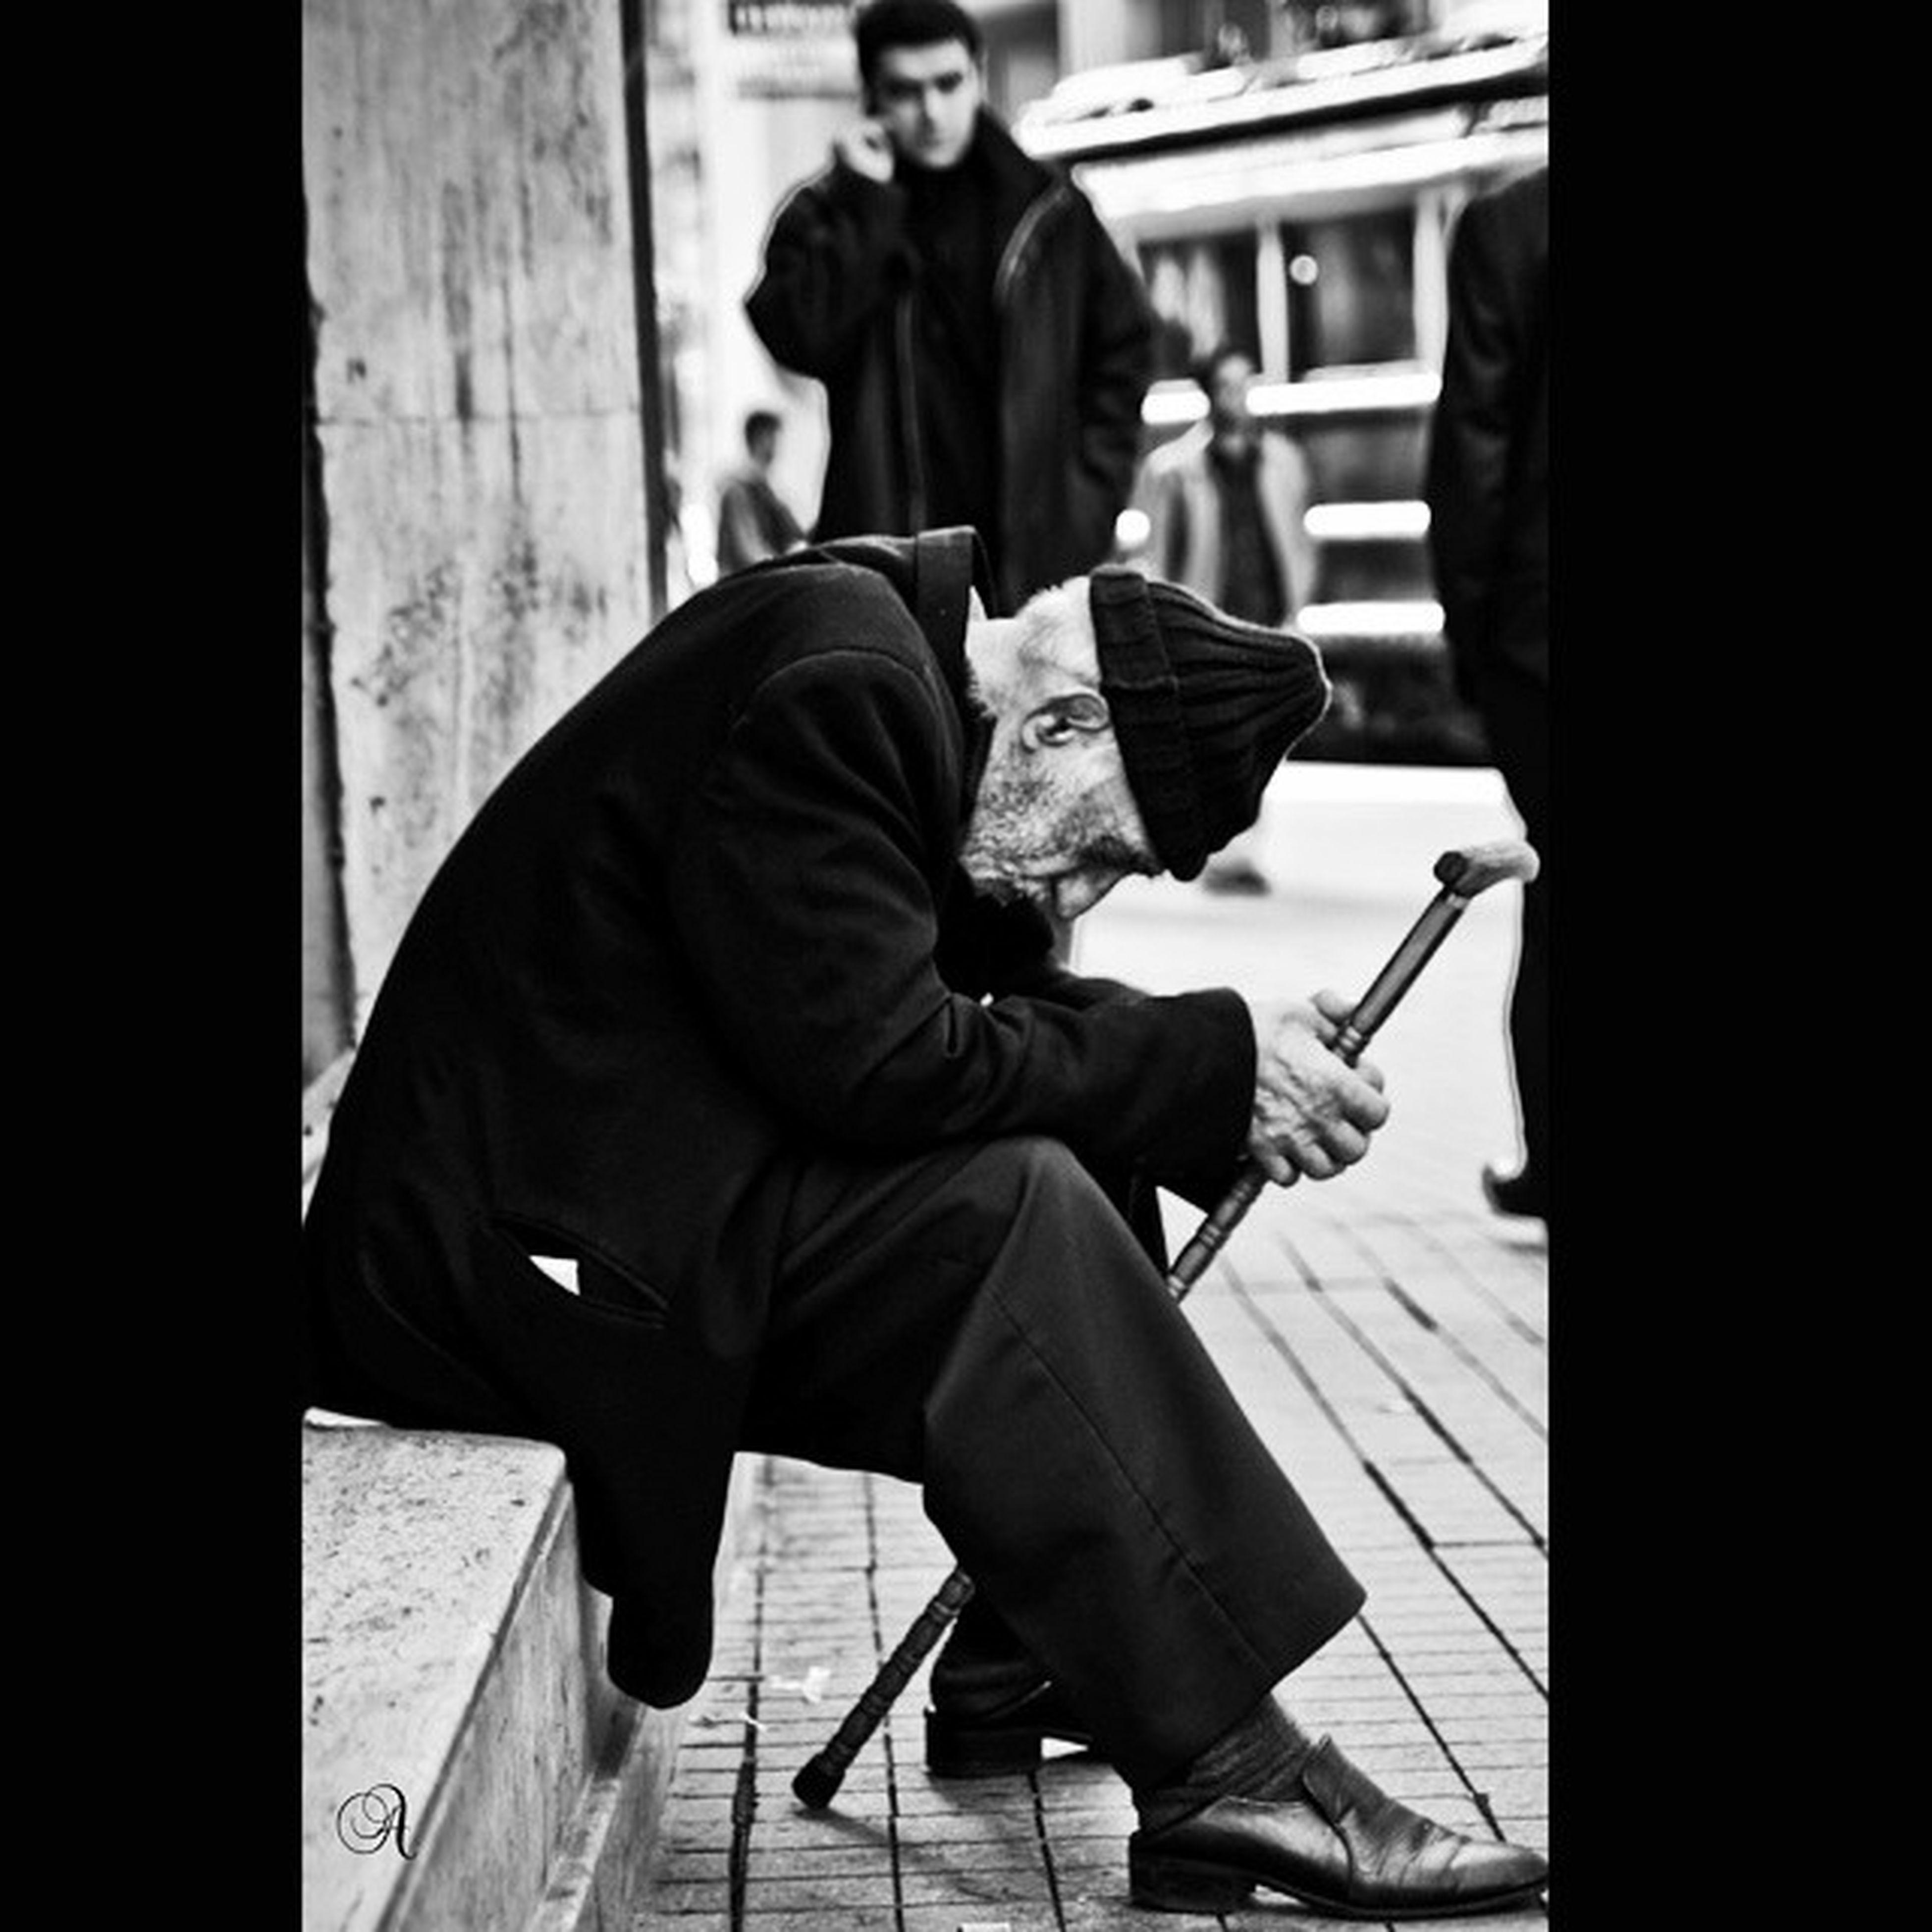 Felaketten sonra ölenlerdn çok kalanlar içimi acıtır.Bin türlü acı ve çaresizlkle başetmek çok zor.Ölenlere rahmet kalanlara sabır🙏 bizim yardım ekiplerimizde ulaşmış afet bölgesine 🏼 Dirennepal 🙏🙏🙏🙏